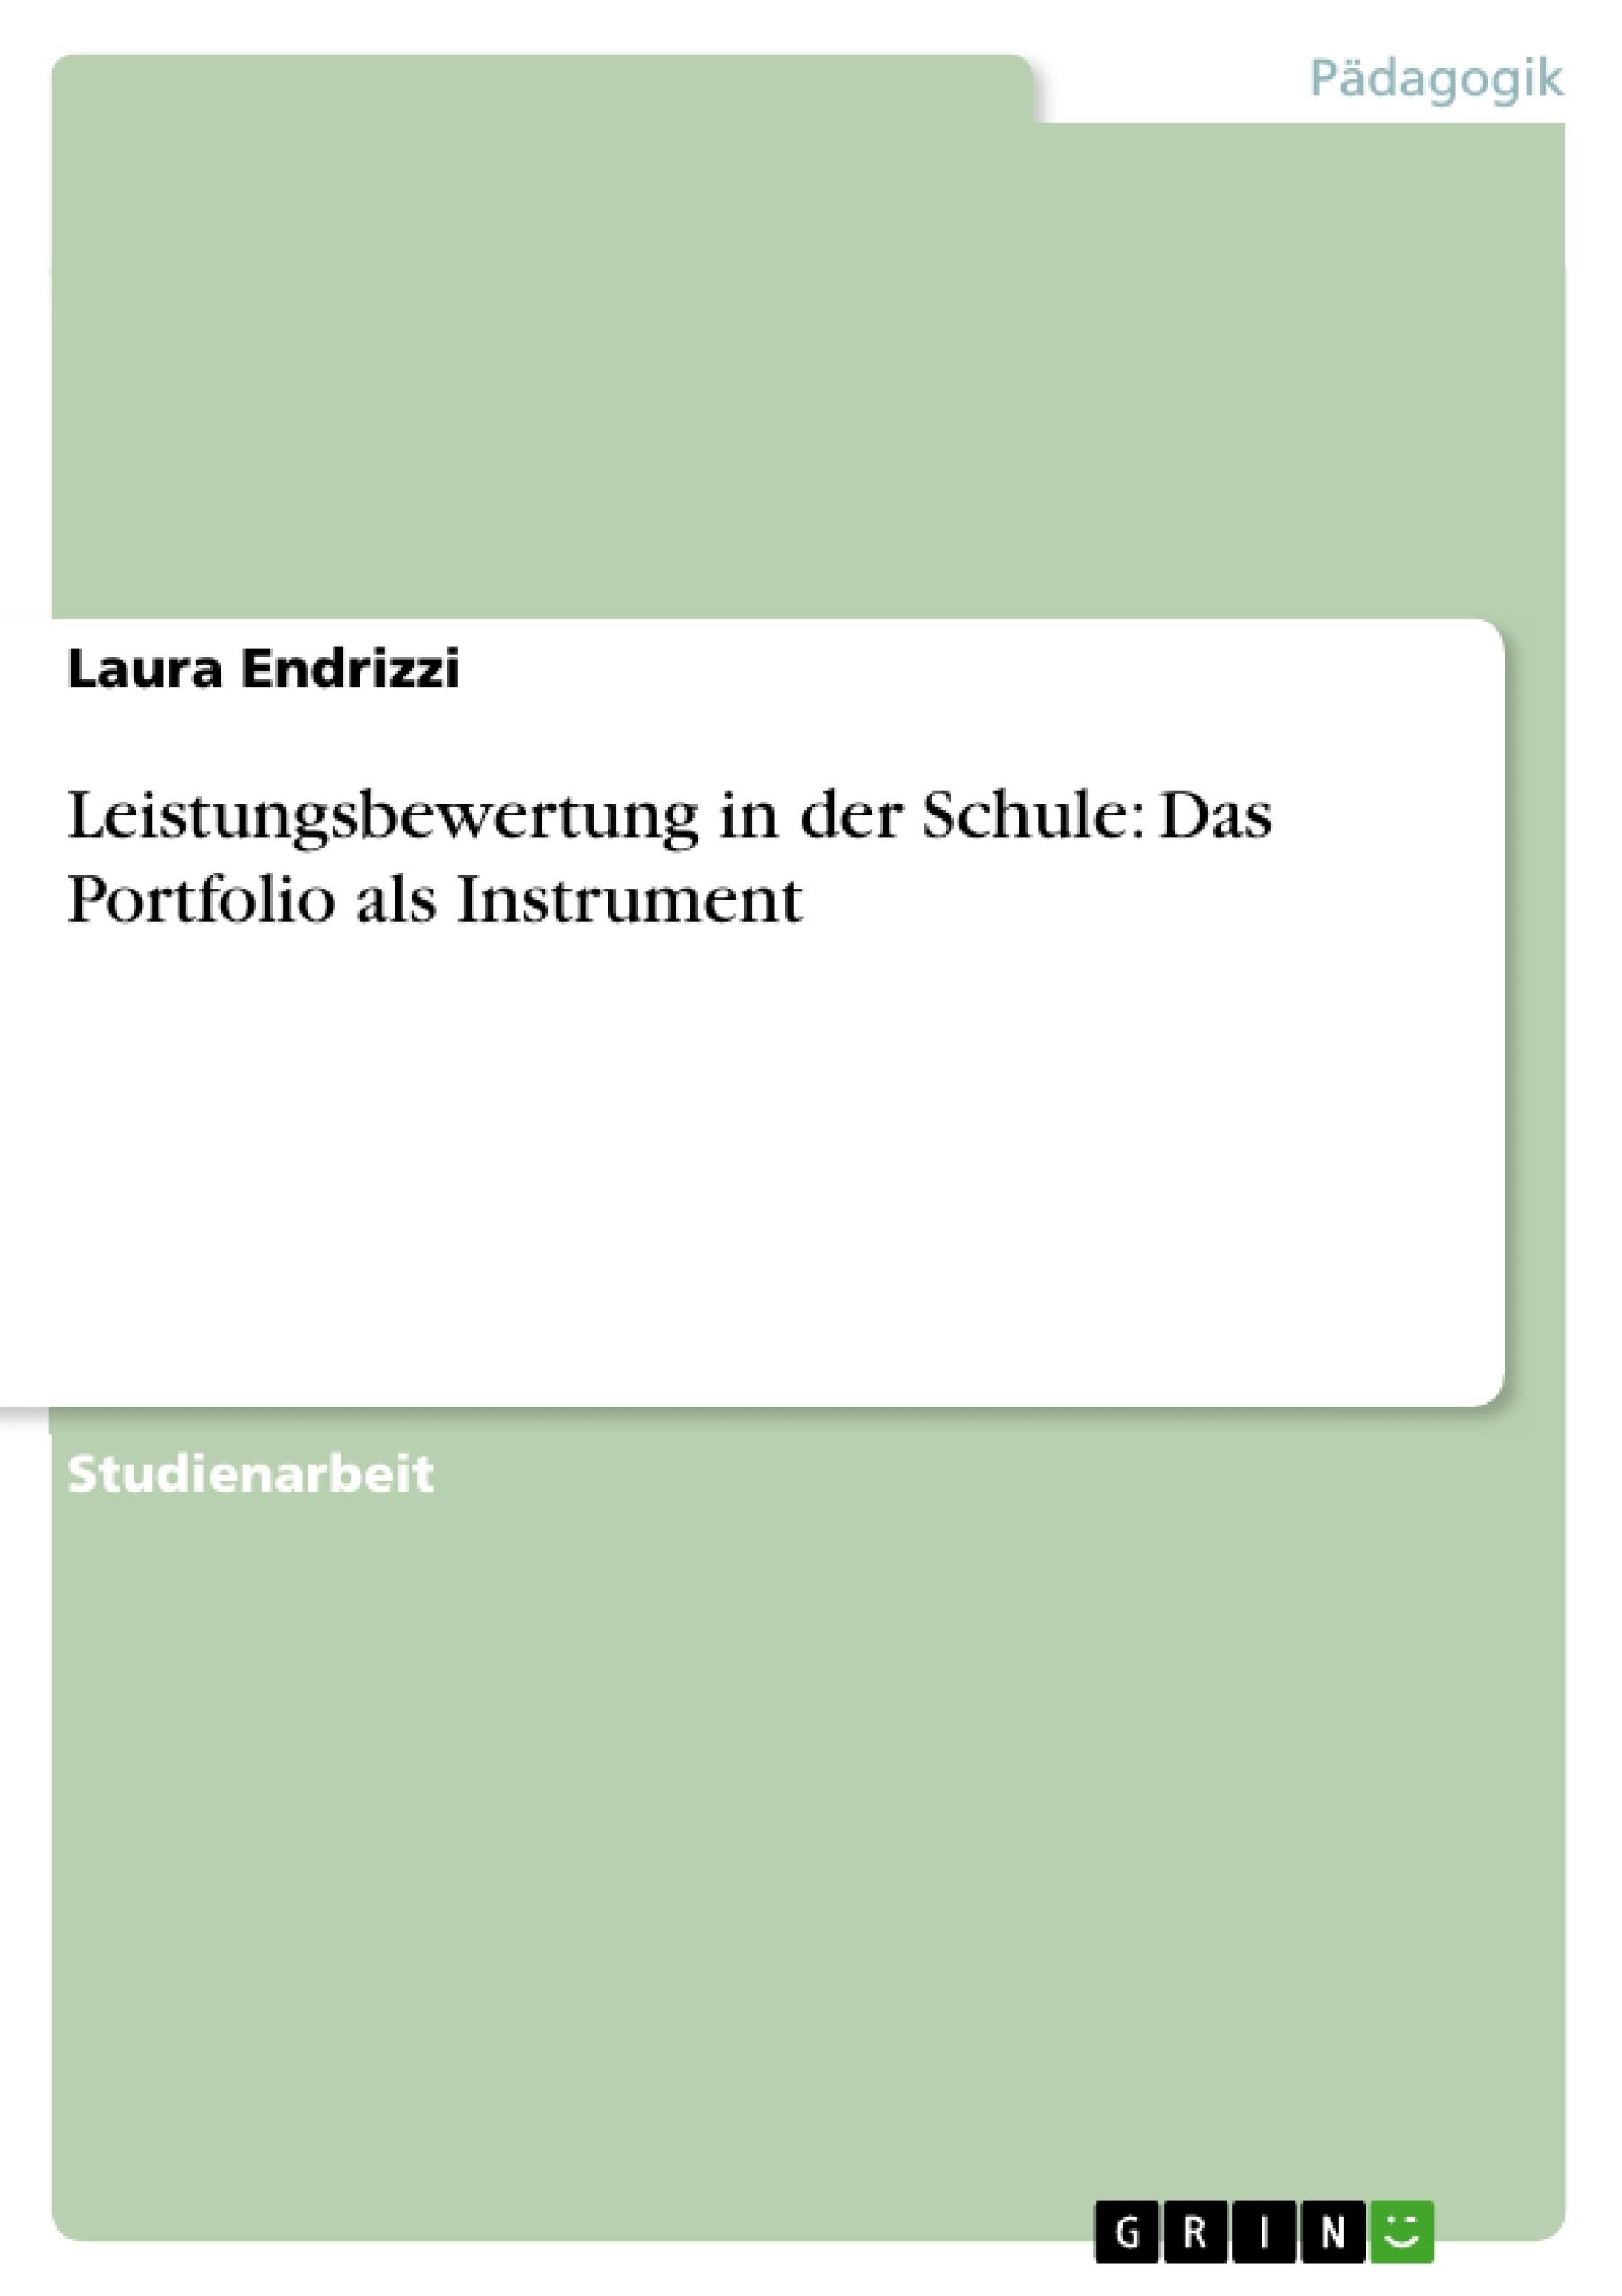 Titel: Leistungsbewertung in der Schule: Das Portfolio als Instrument